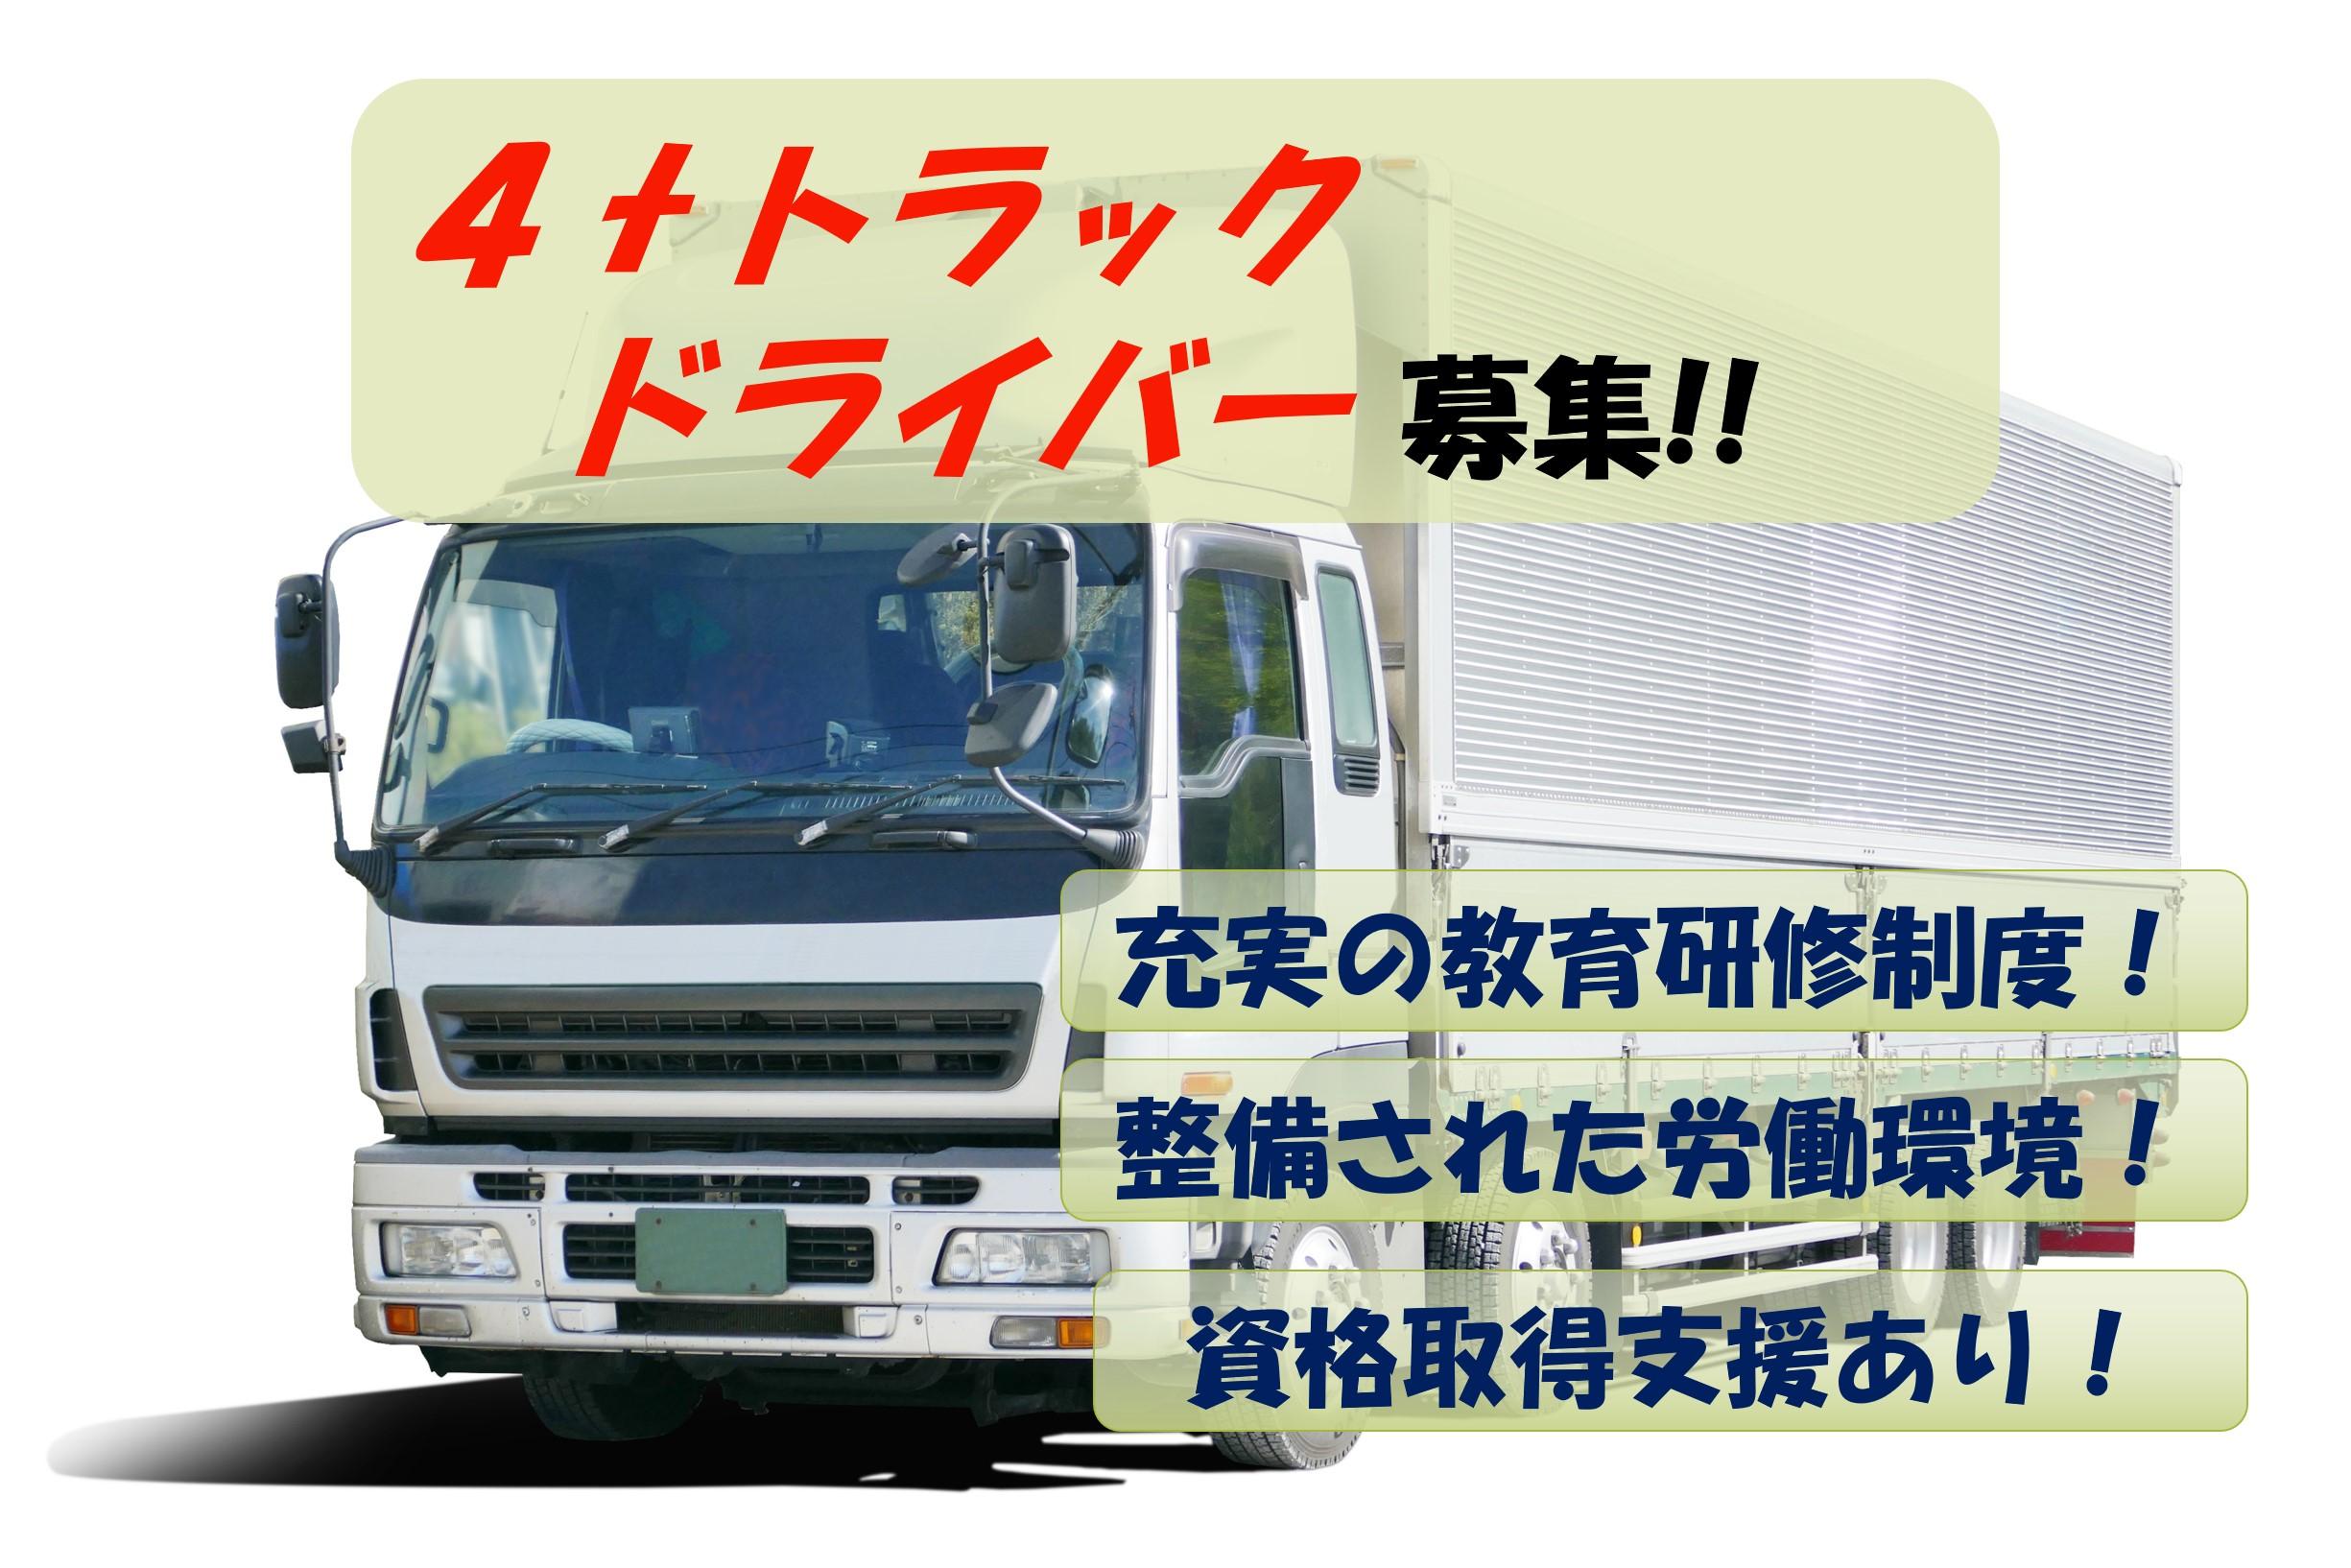 教育研修制度も充実!資格取得でスキルアップも目指せます!4tトラックドライバー募集 イメージ